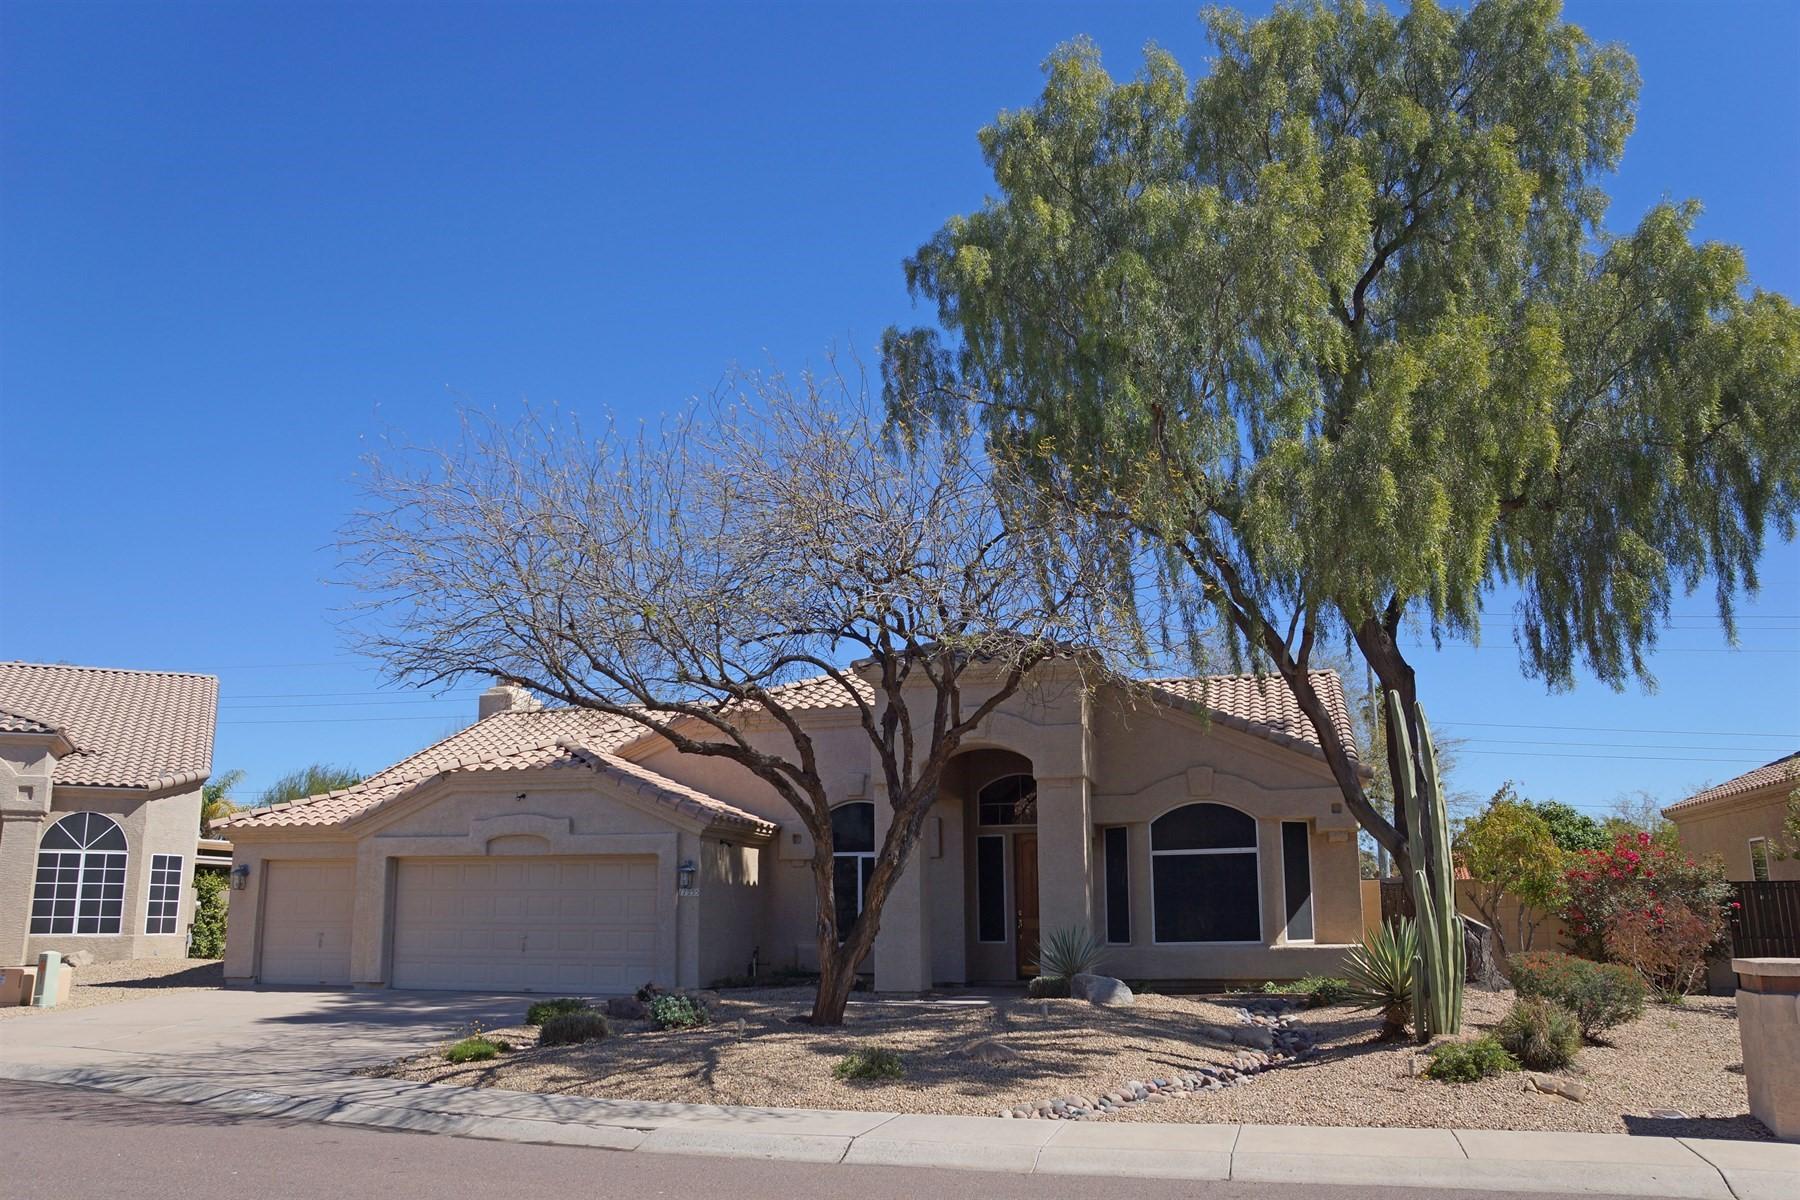 一戸建て のために 売買 アット Beautifully updated single level home 17235 N 55th Pl Scottsdale, アリゾナ, 85254 アメリカ合衆国